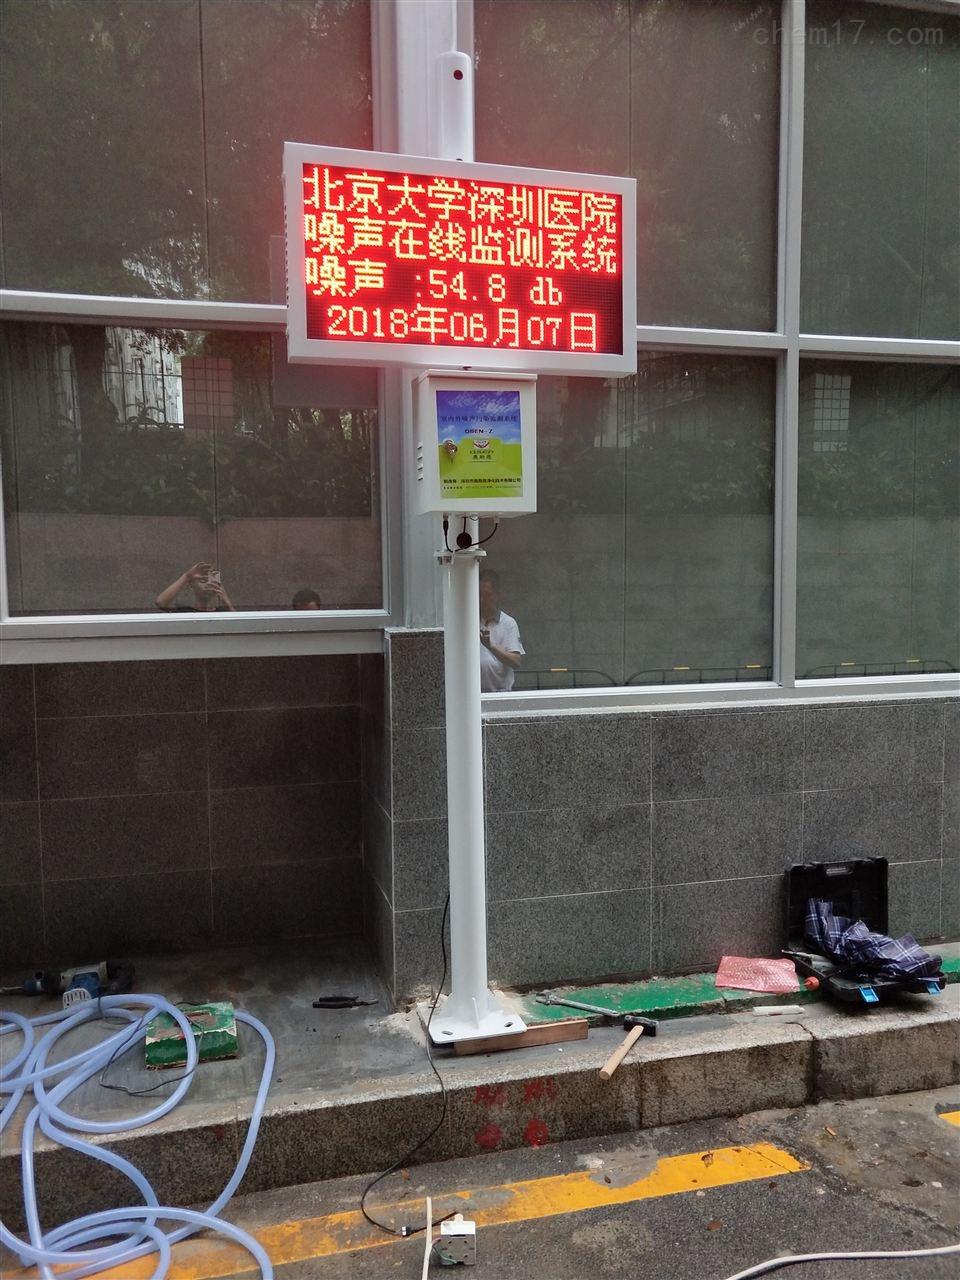 城市噪声专项在线监测分析系统